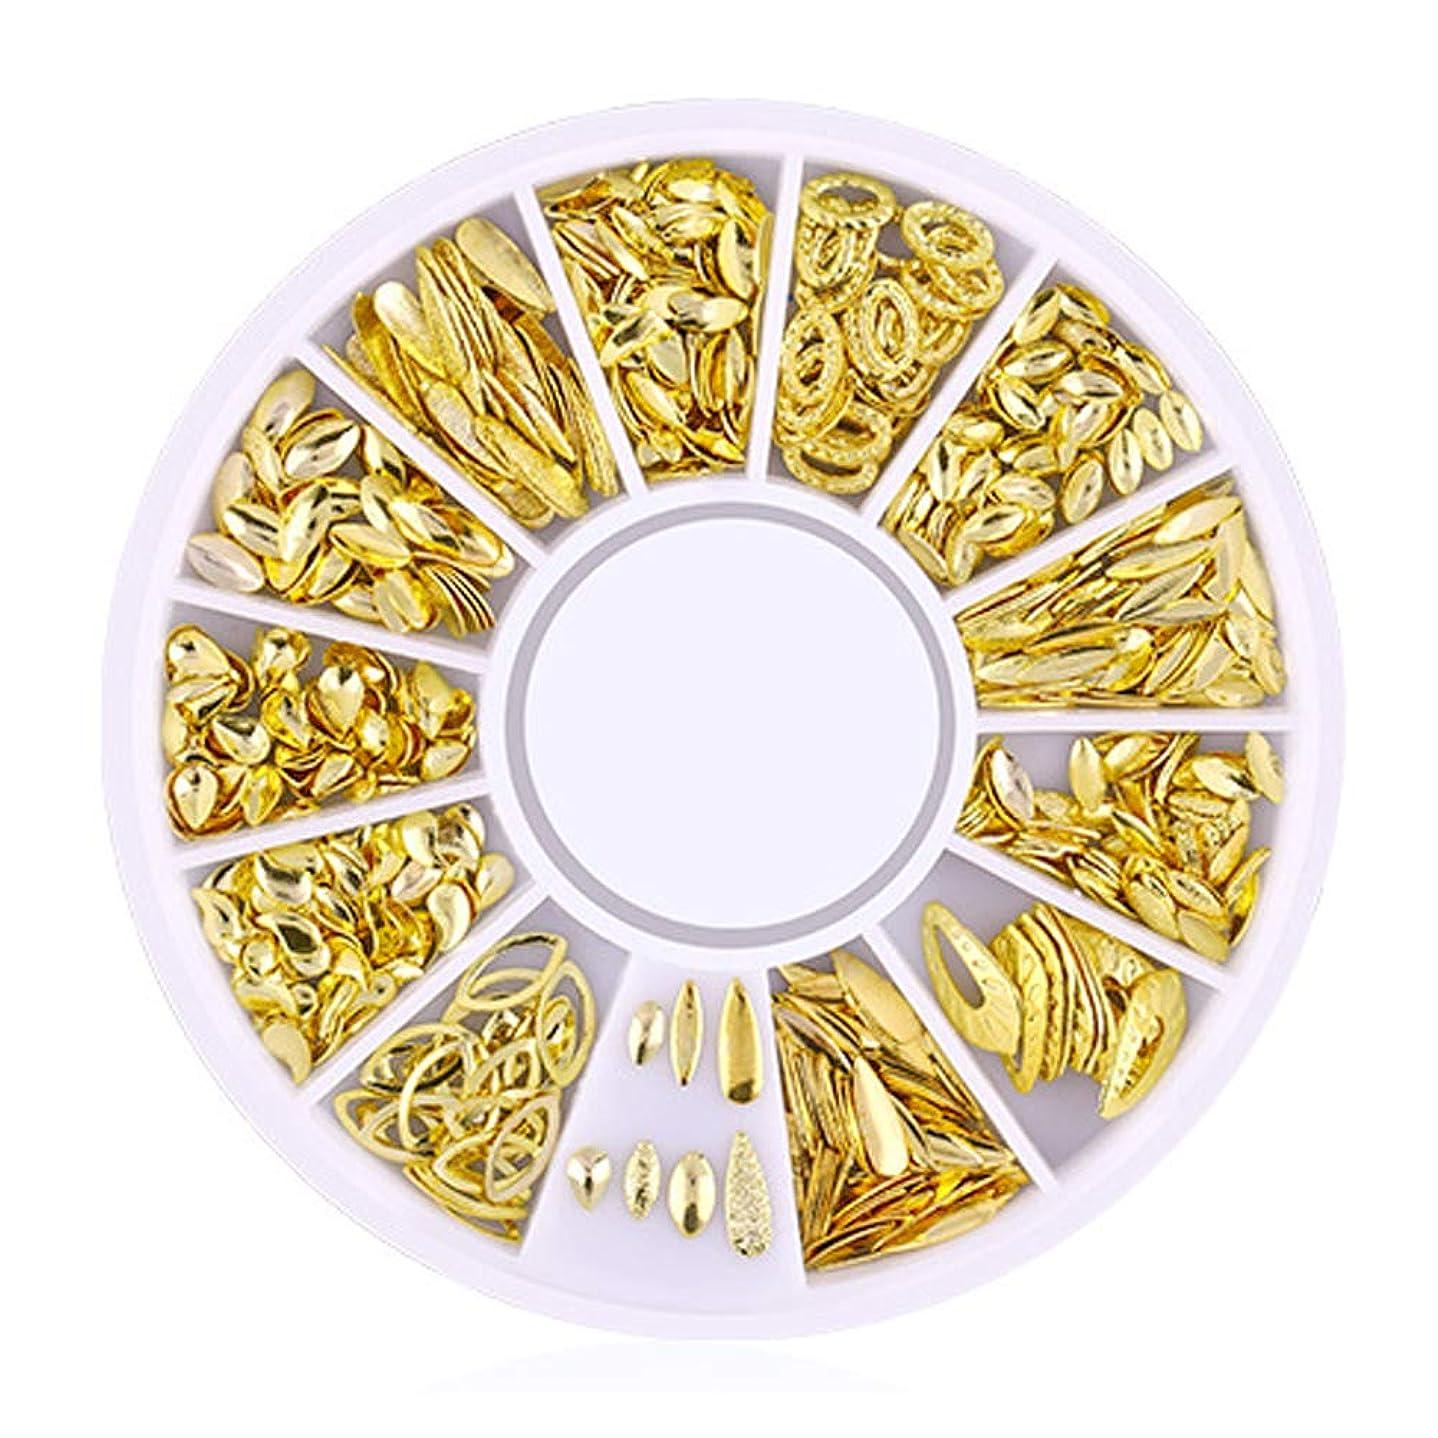 数字不完全な歪めるSnner 3D ネイルパーツ メタル ゴールド ハート 星 月 花 蝶結び 幾何風 12種形 ネイルデコレーション 円型ケース入リ ピンクケース 200点セット (幾何風2)